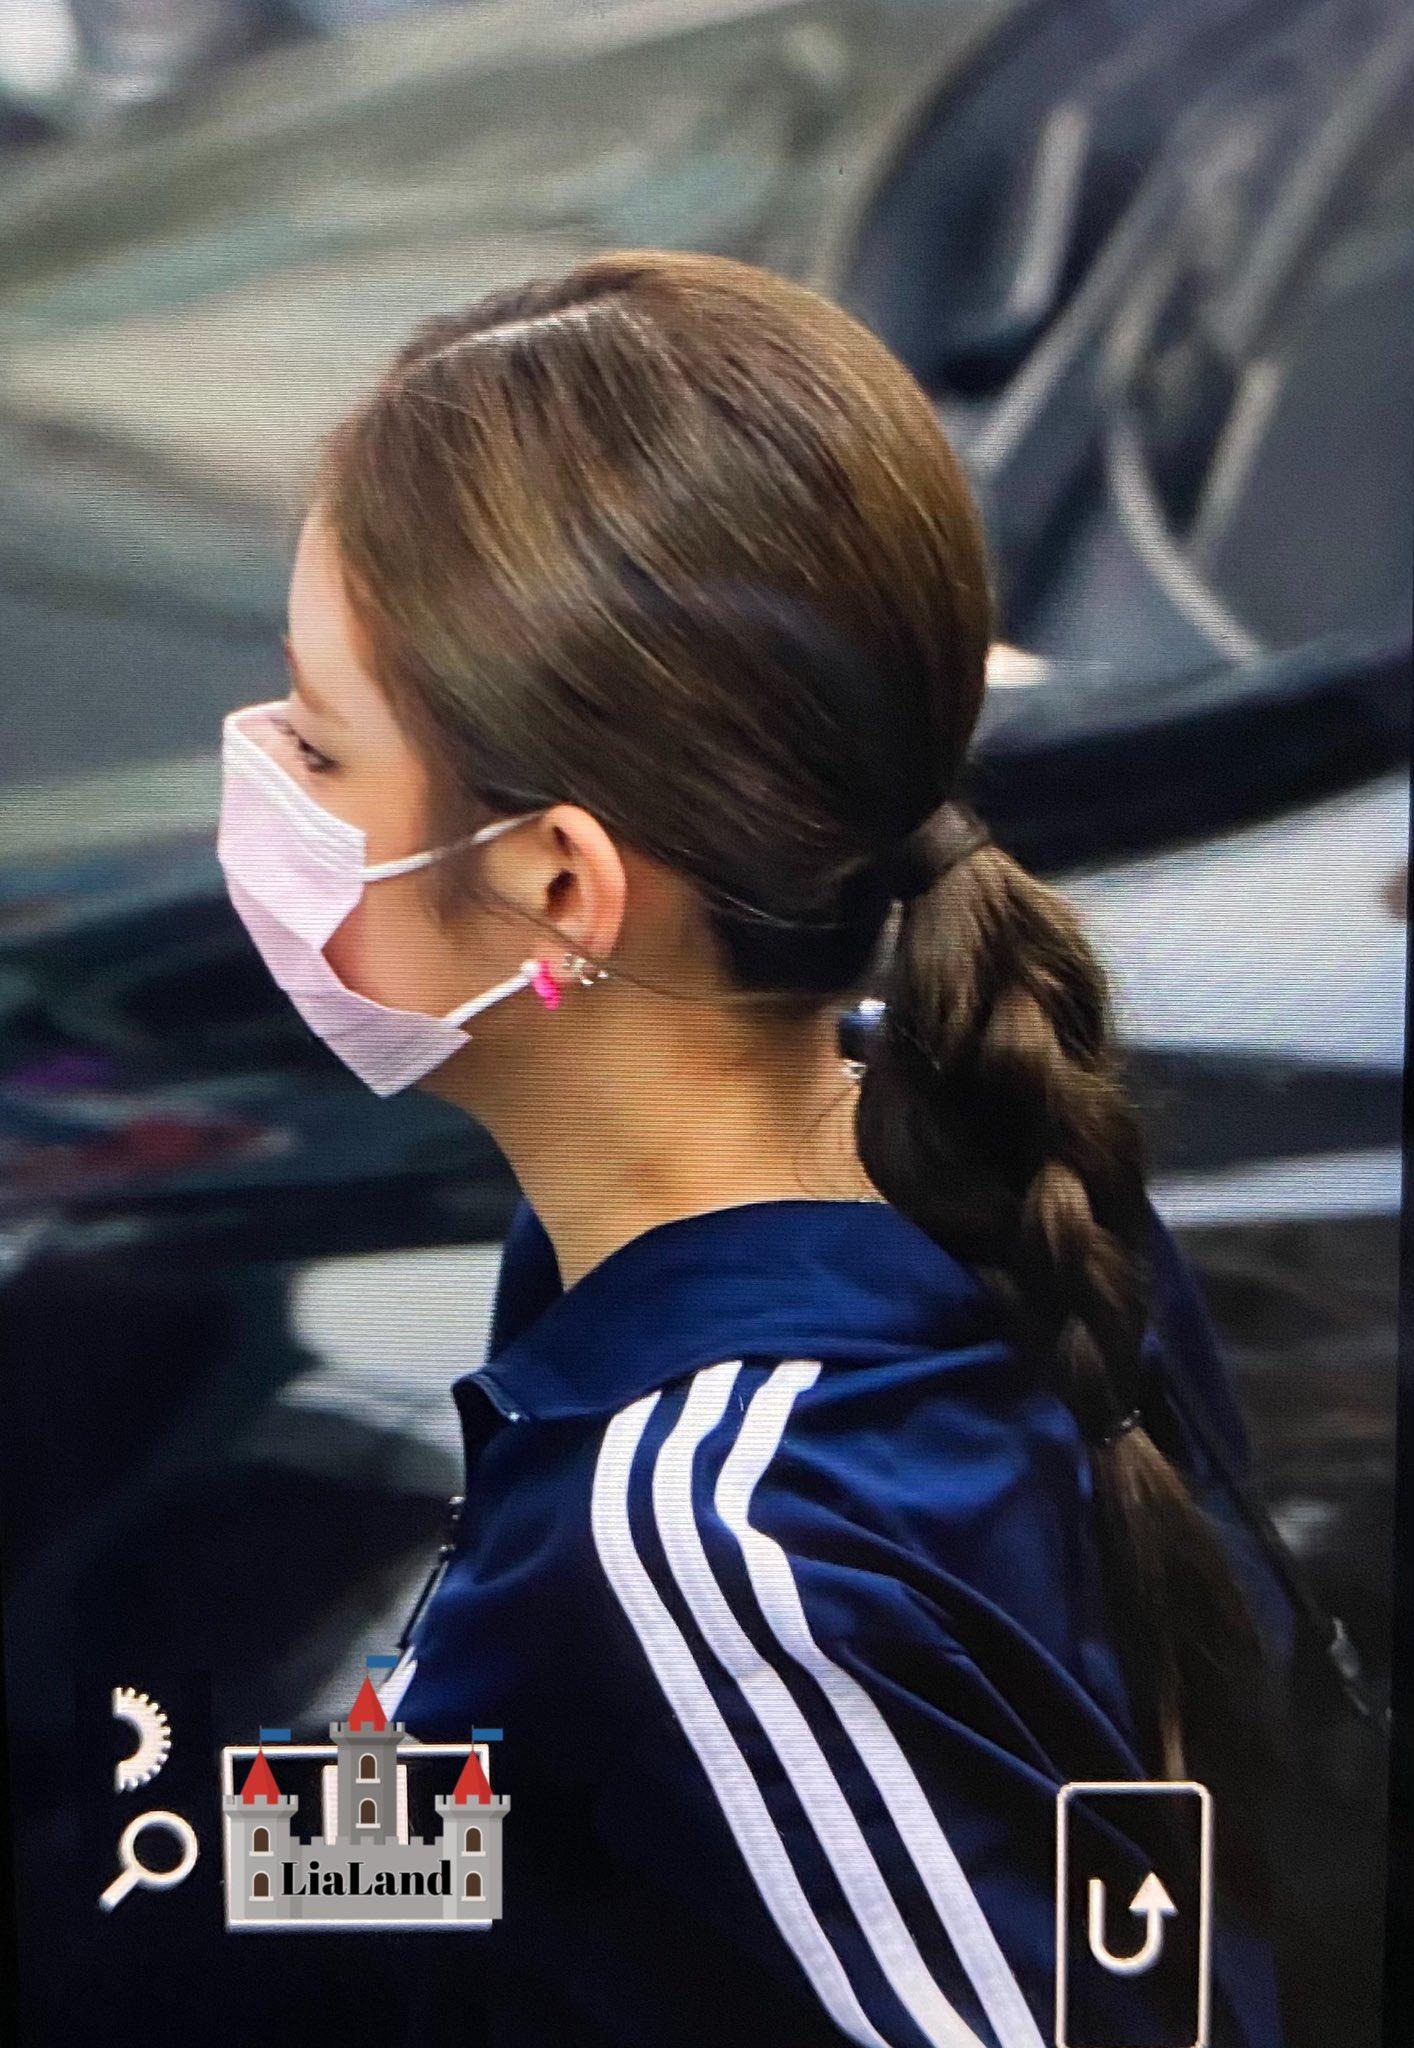 ITZY đi làm: Ryu Jin đỉnh của chóp, Yuna lại bị chê style bà bầu - 8